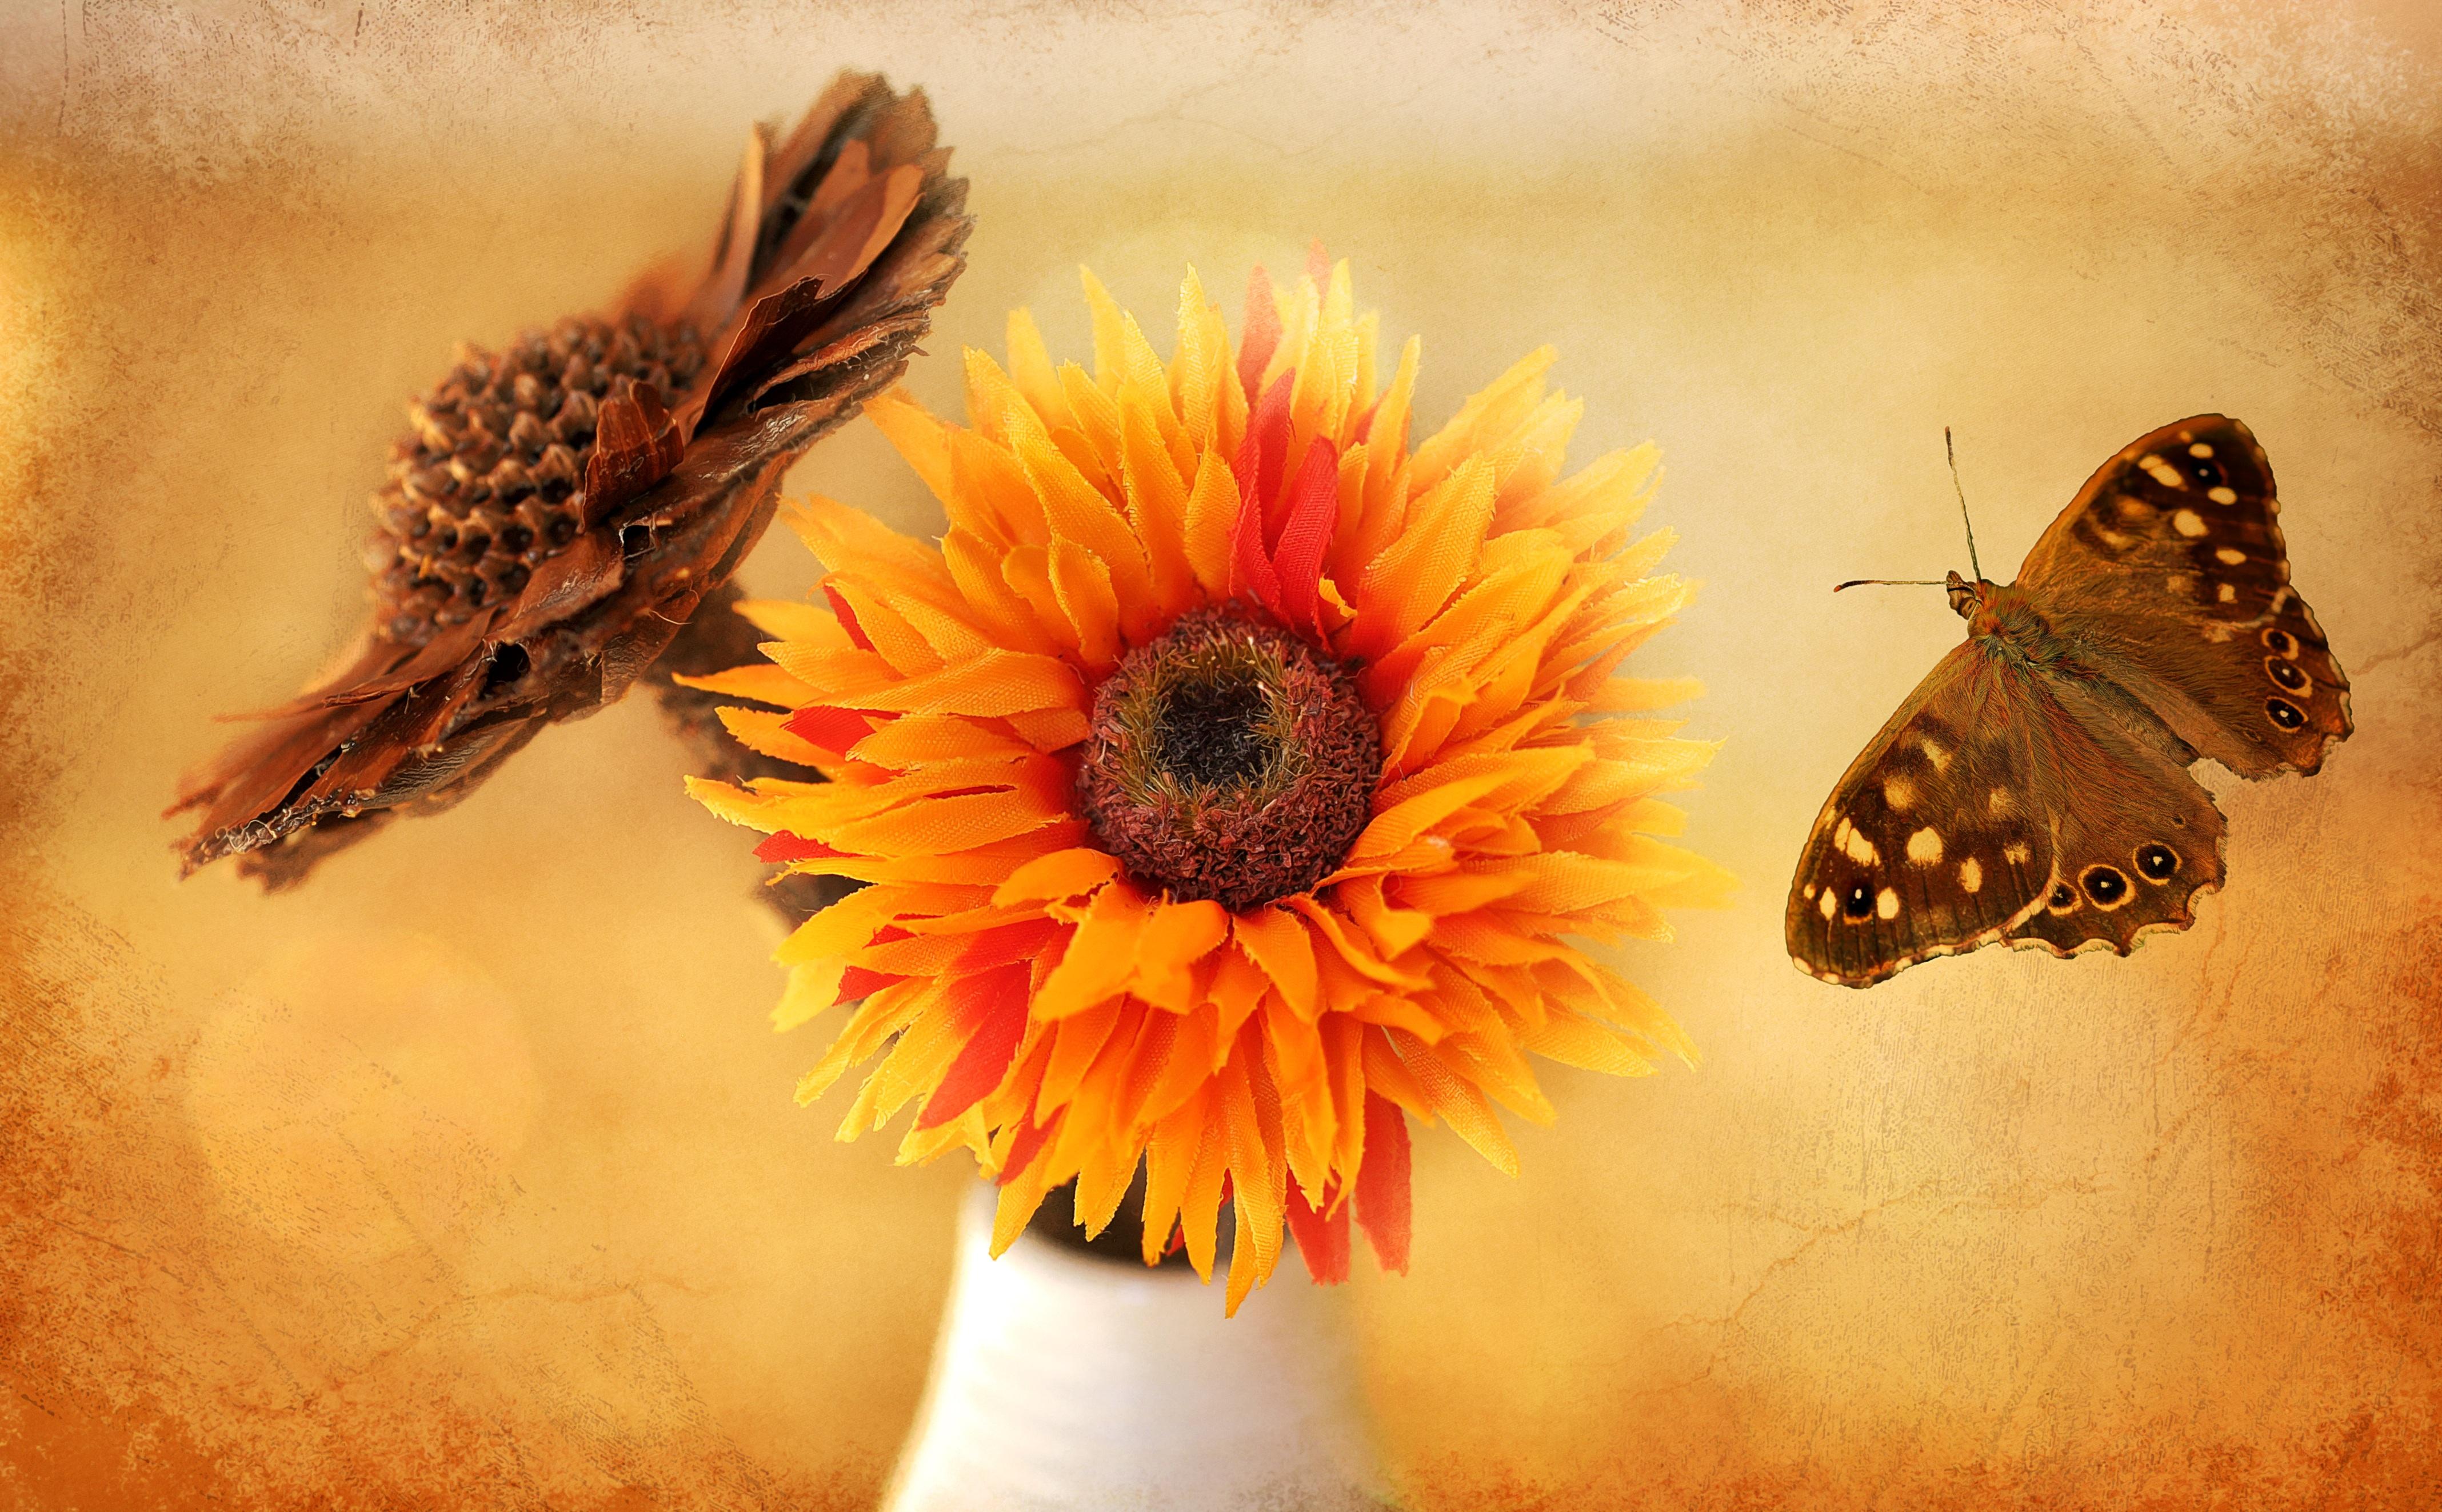 Free Images : leaf, flower, petal, decoration, orange, insect ...